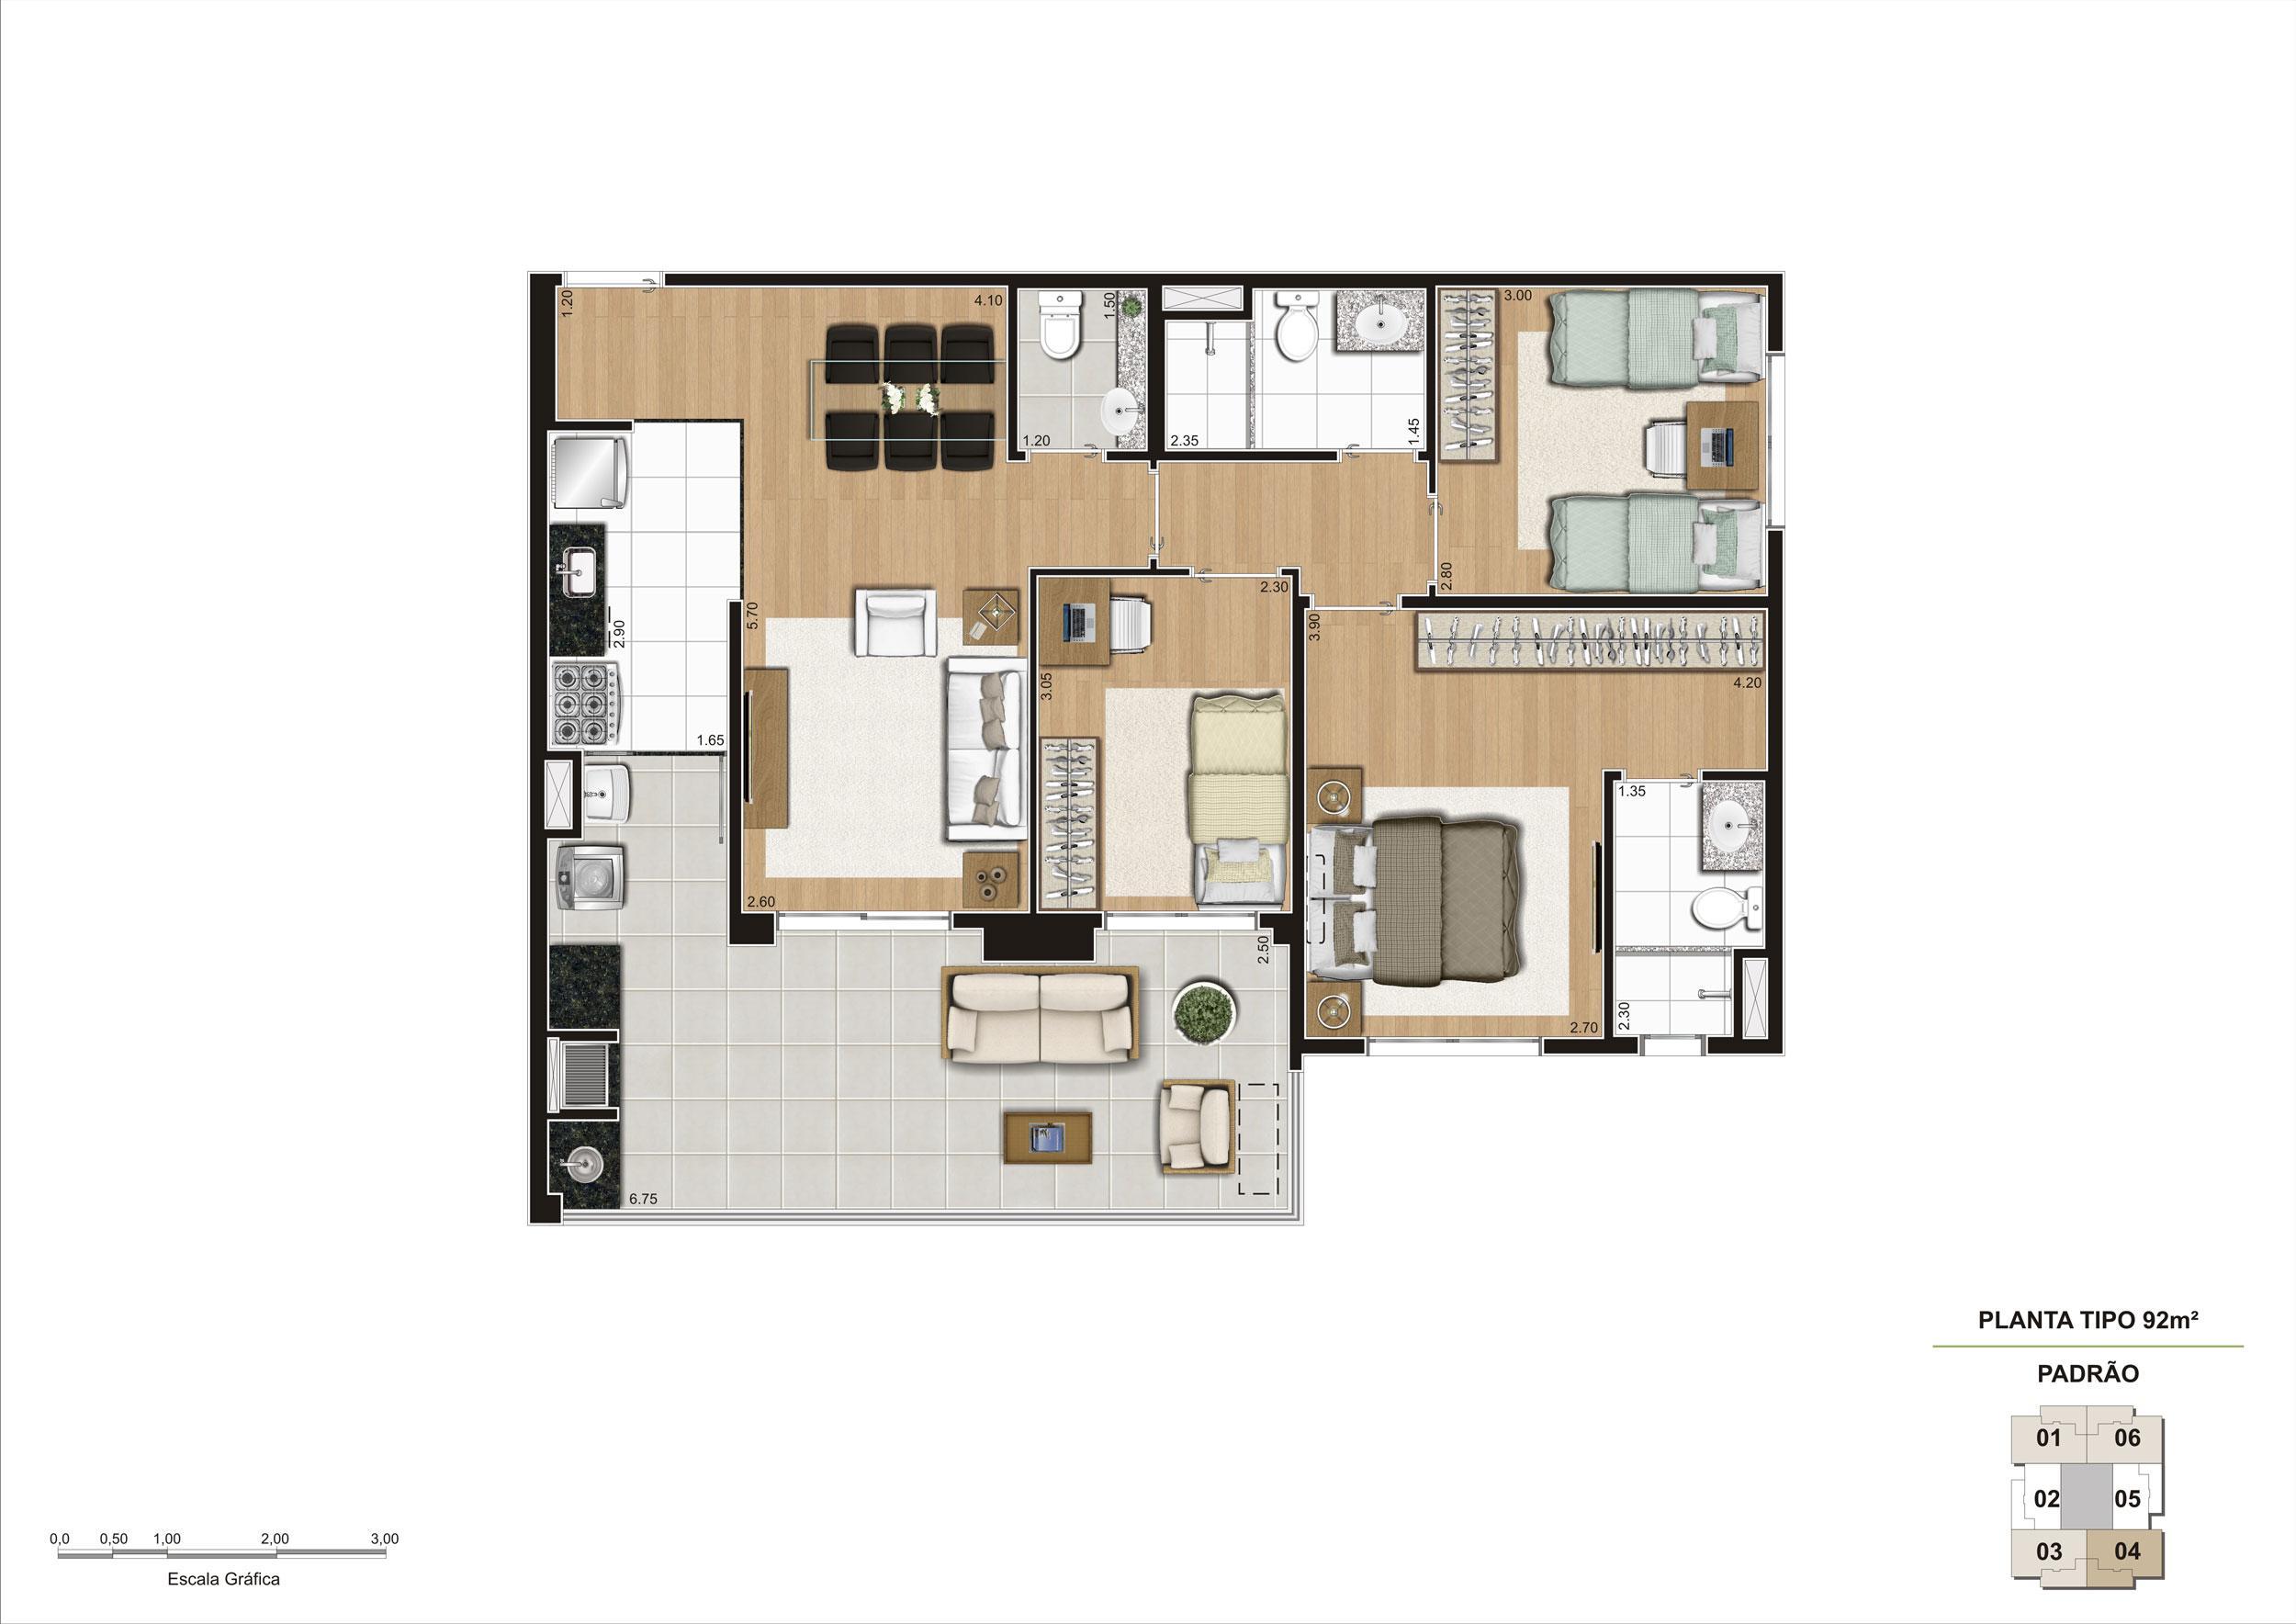 Planta tipo do apartamento de 92m² 3 dorms (1 suíte) | Cyrela Classic Lapa – Apartamento na  Lapa - São Paulo - São Paulo